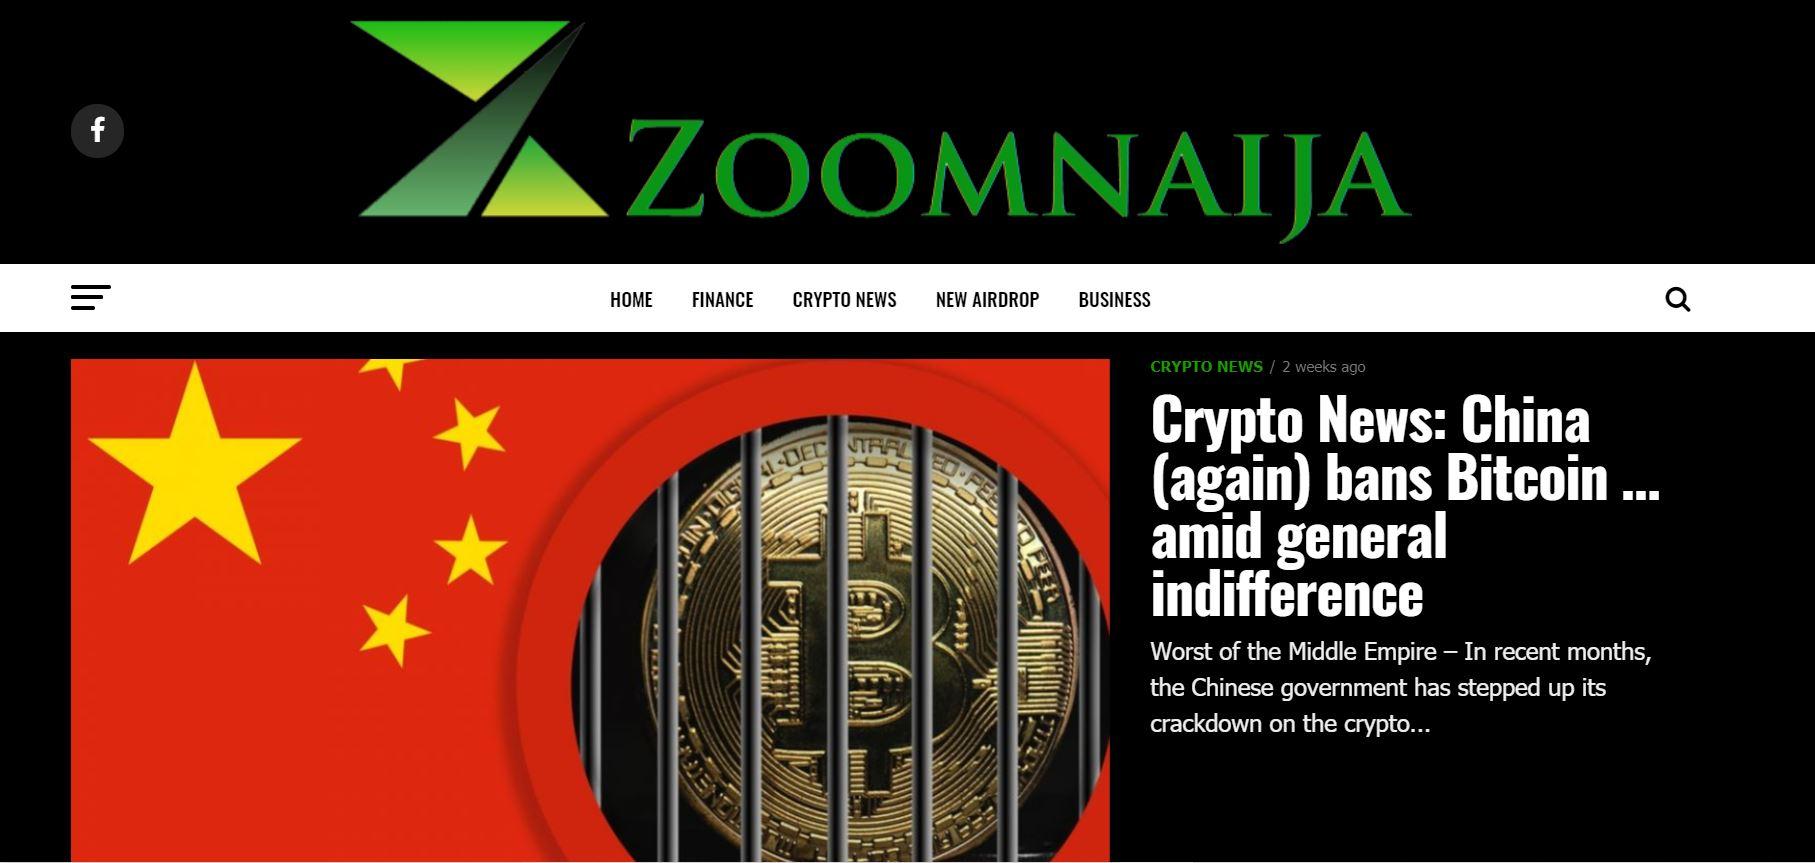 Zoomnaija